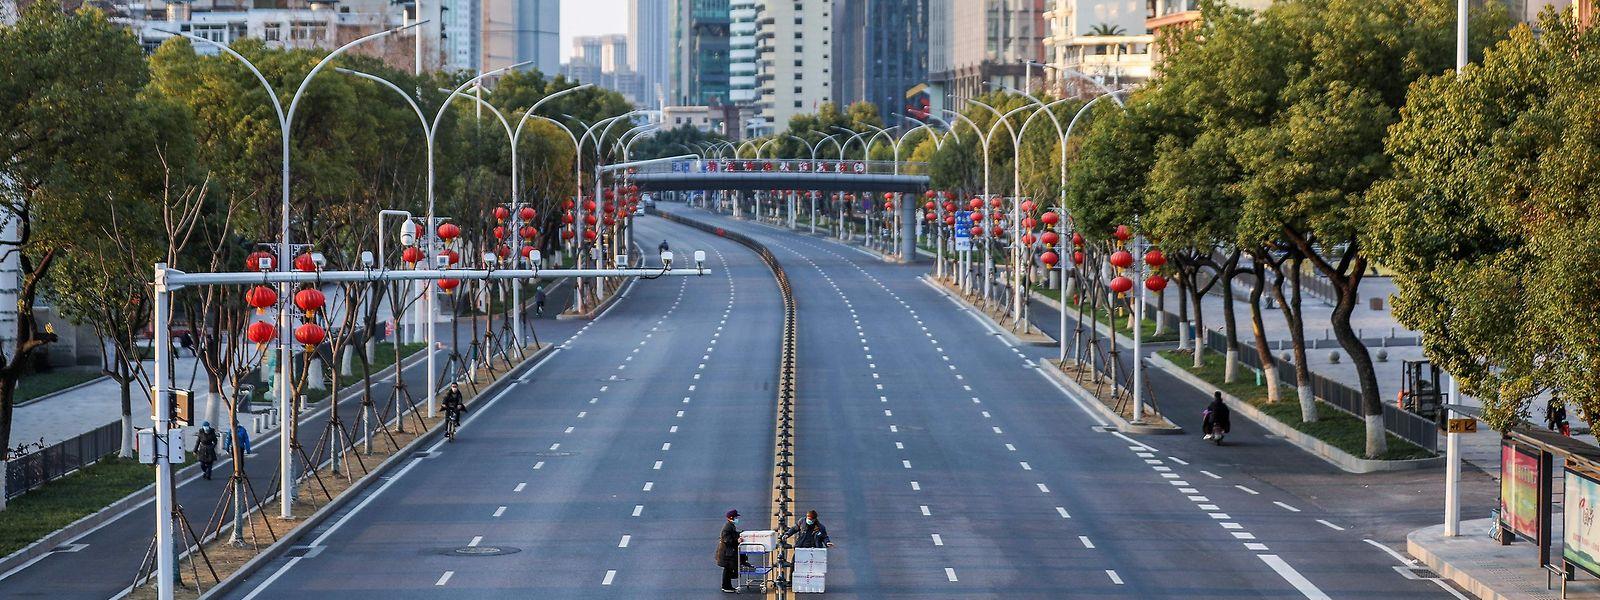 Ruhe in China: Auch die Wirtschaft leidet unter dem Virus.